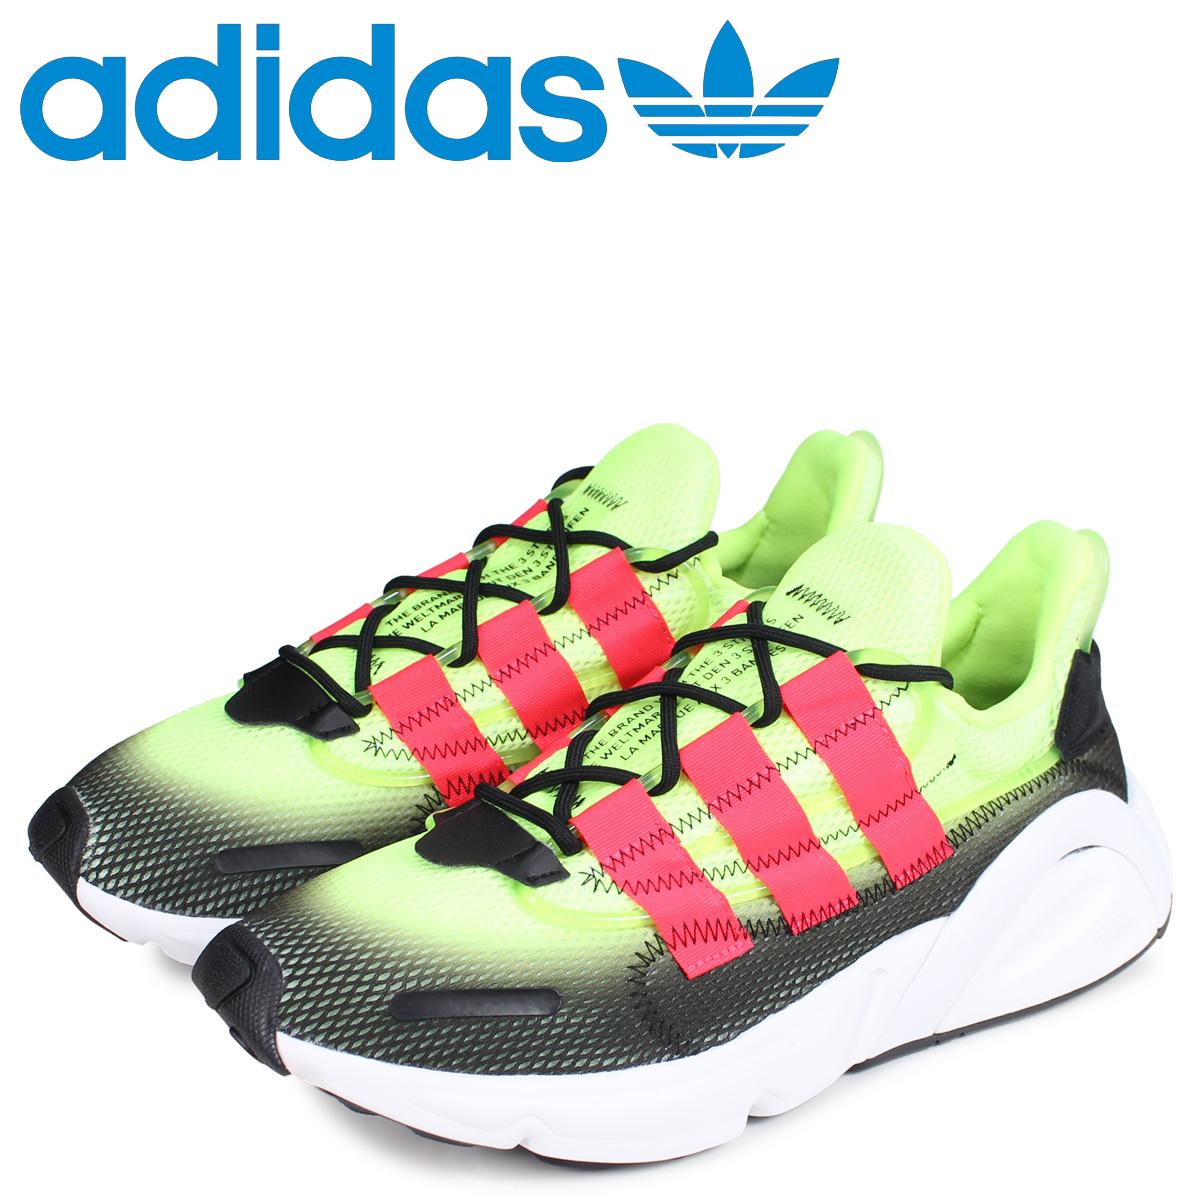 adidas Originals アディダス オリジナルス レキシコン スニーカー メンズ LXCON ブラック 黒 G27578